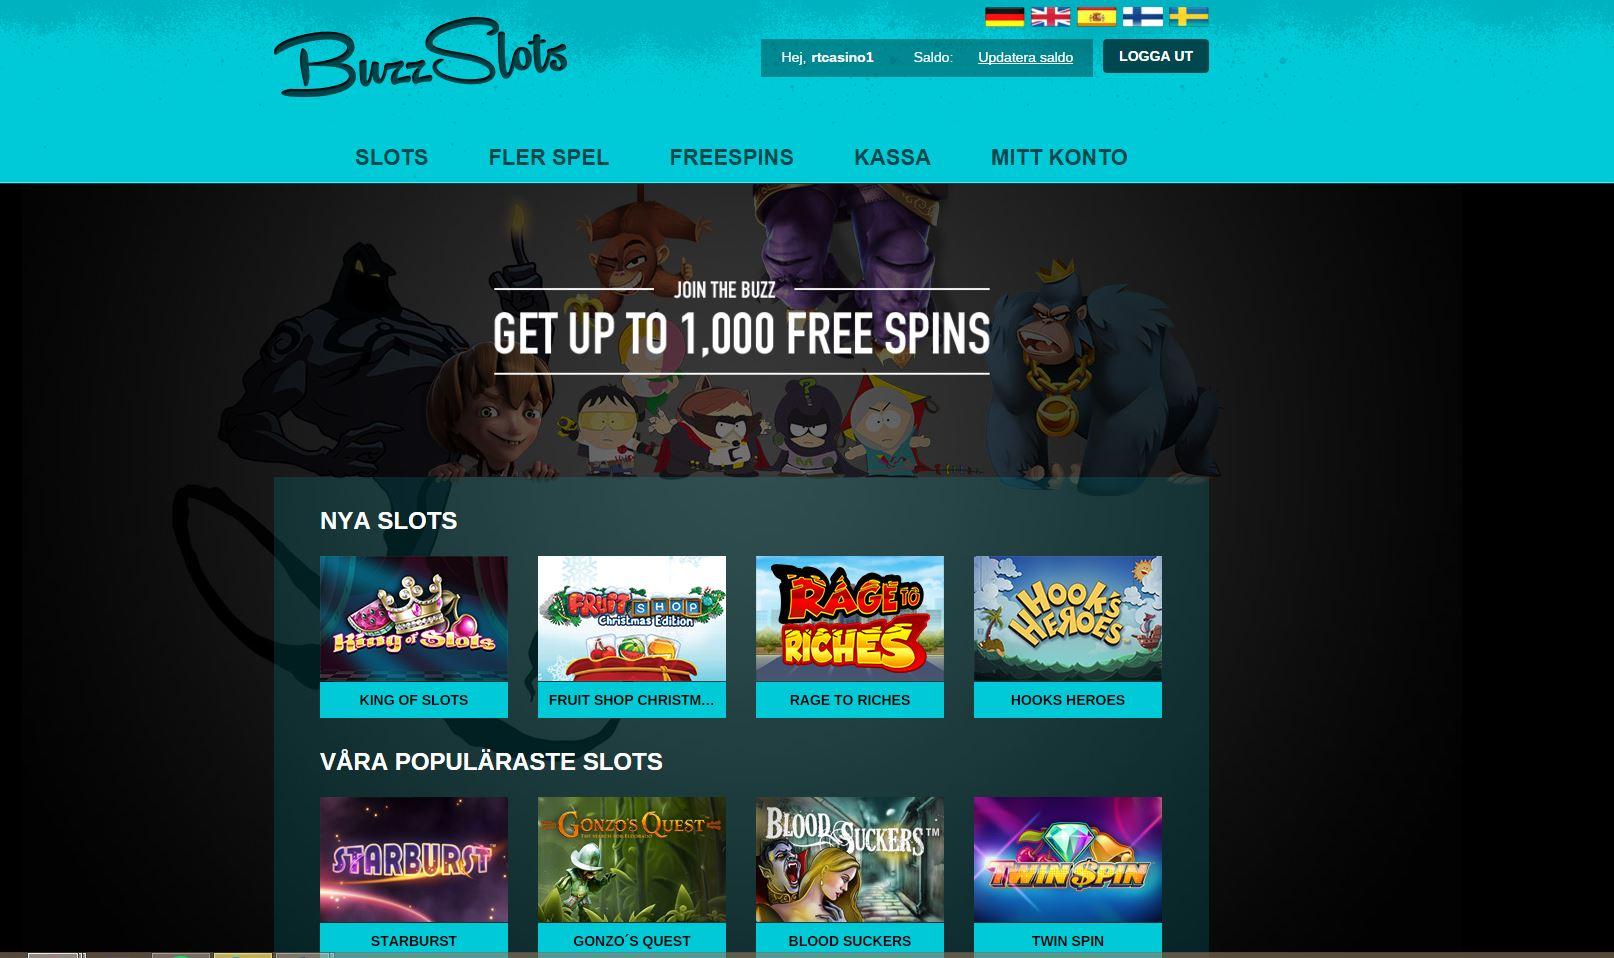 BuzzSlots - ett innovativt casino med mängder av freespins